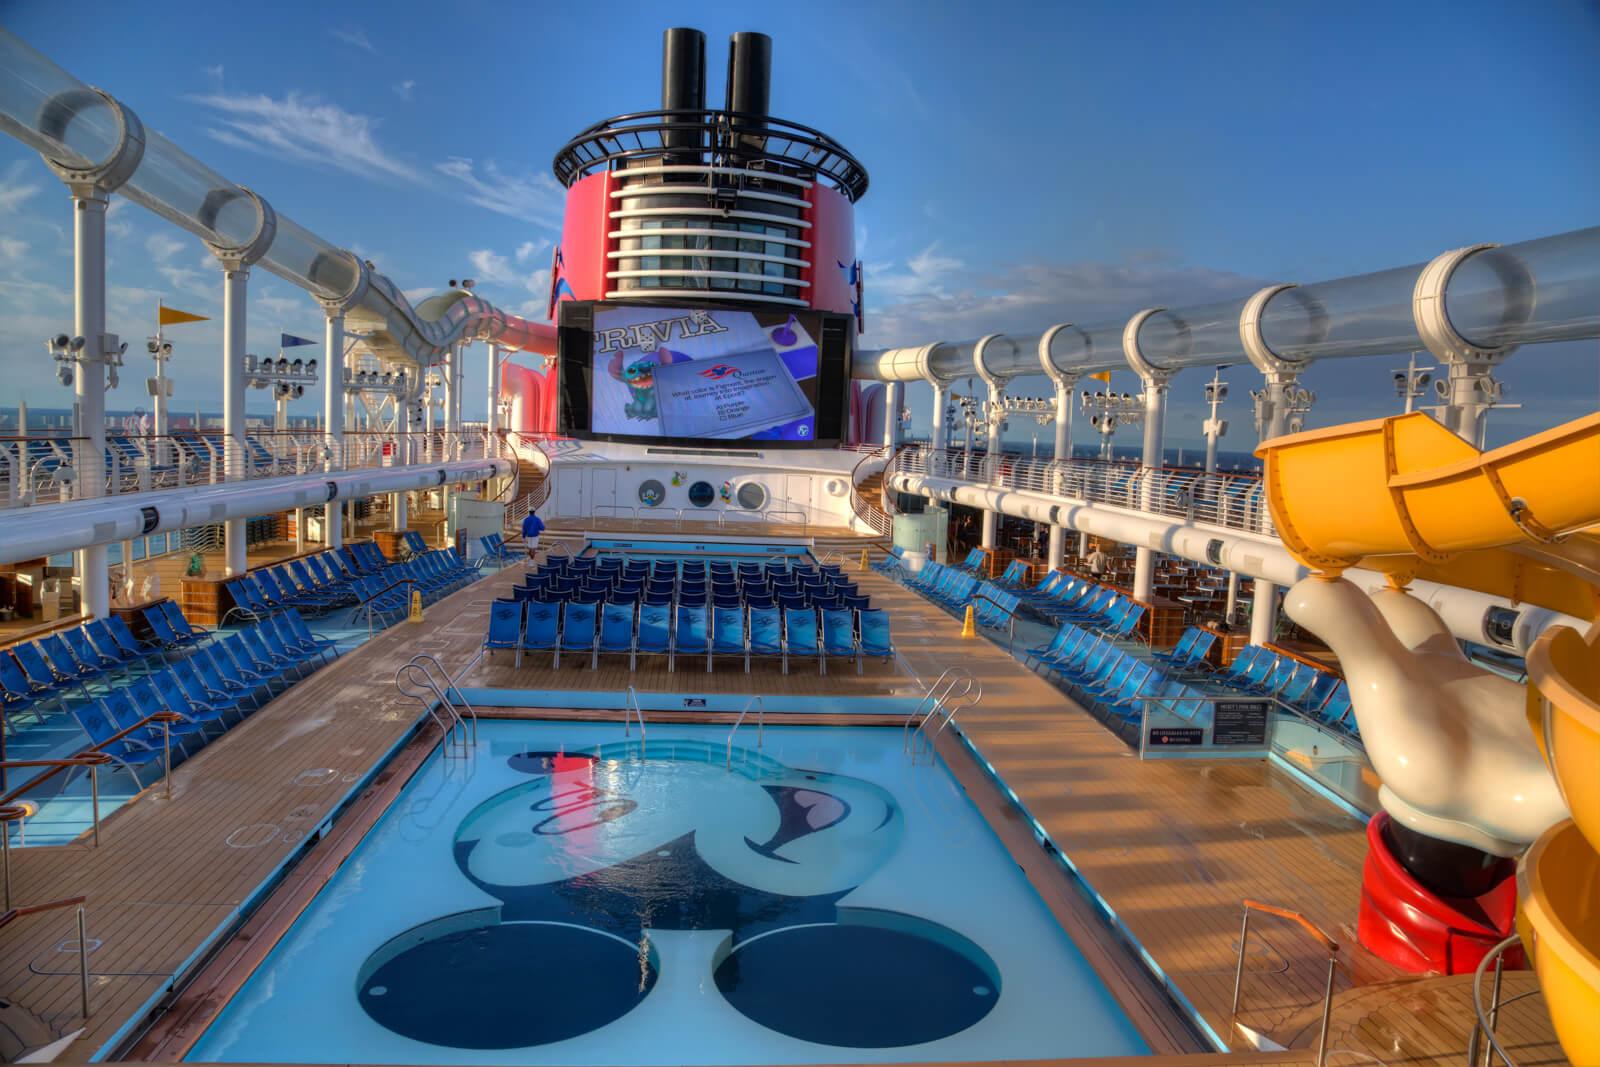 Cruzeiros da Disney em Orlando: Disney Cruise Line